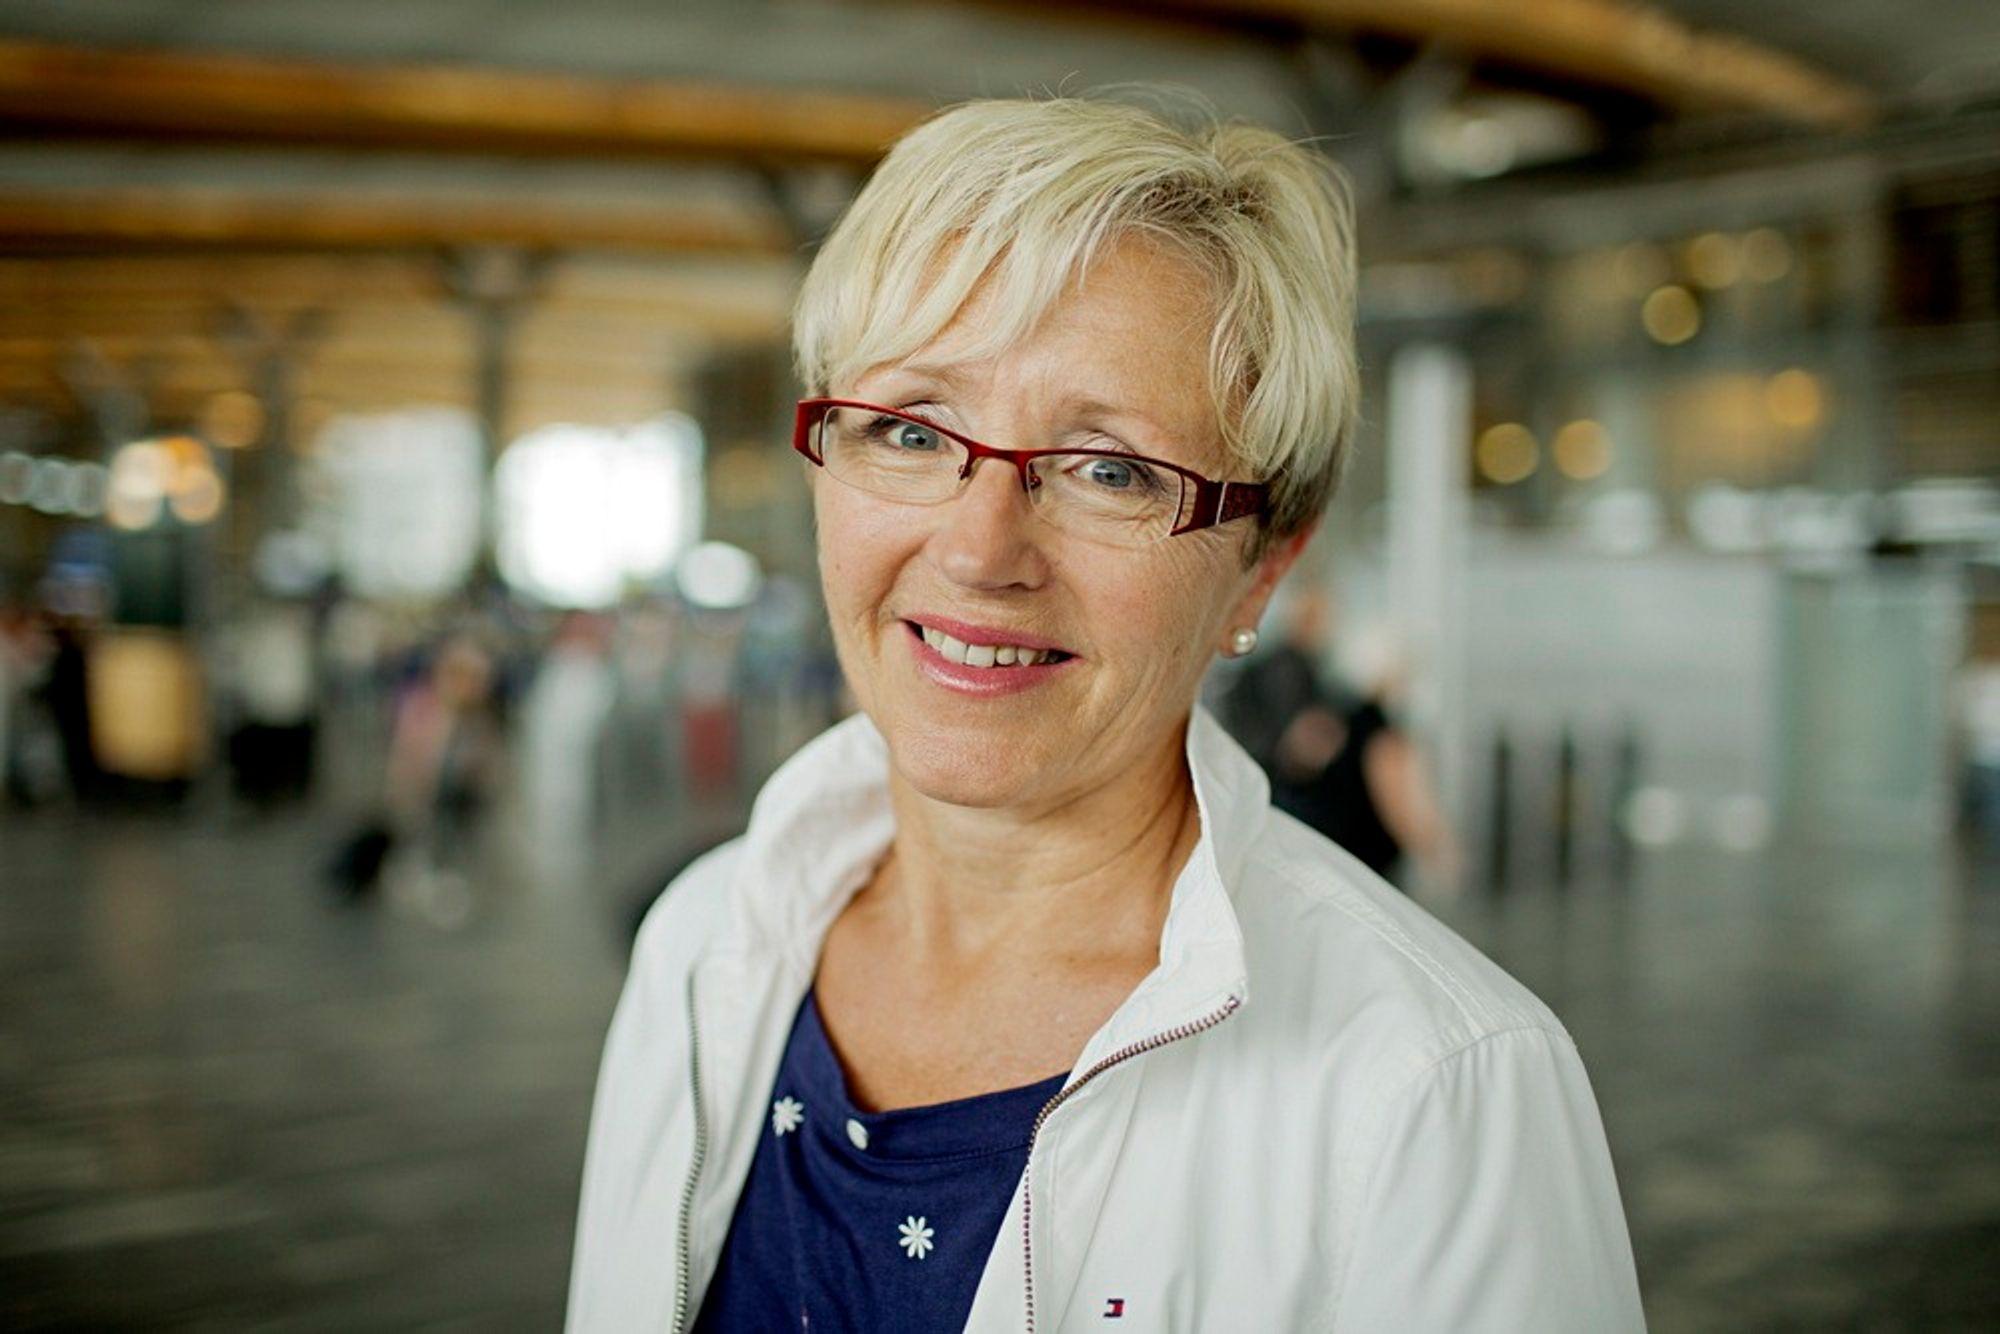 VIL HA VEI: Kommunal- og regionalminister Liv Signe Navarsete mener veiutbygginger er vel så viktig som jernbaneutbygging.